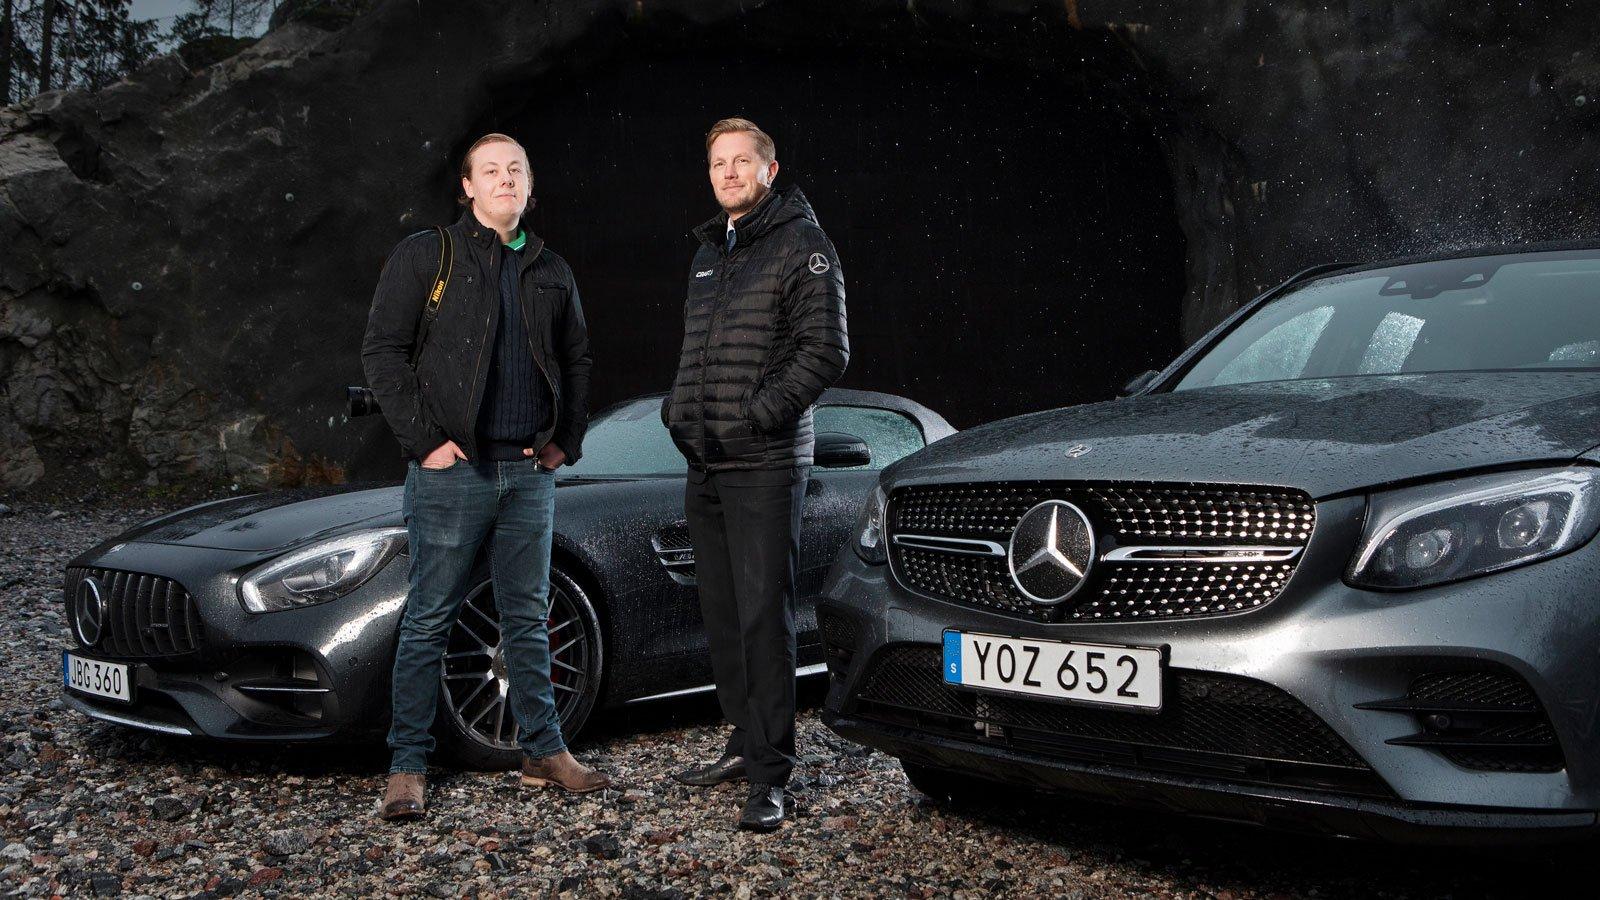 Oscars och Martin Stieberth, som är administratör på AMG Club Swedens grupp på Facebook och som också är AMG-säljare på Mercedes-Benz i Danderyd.